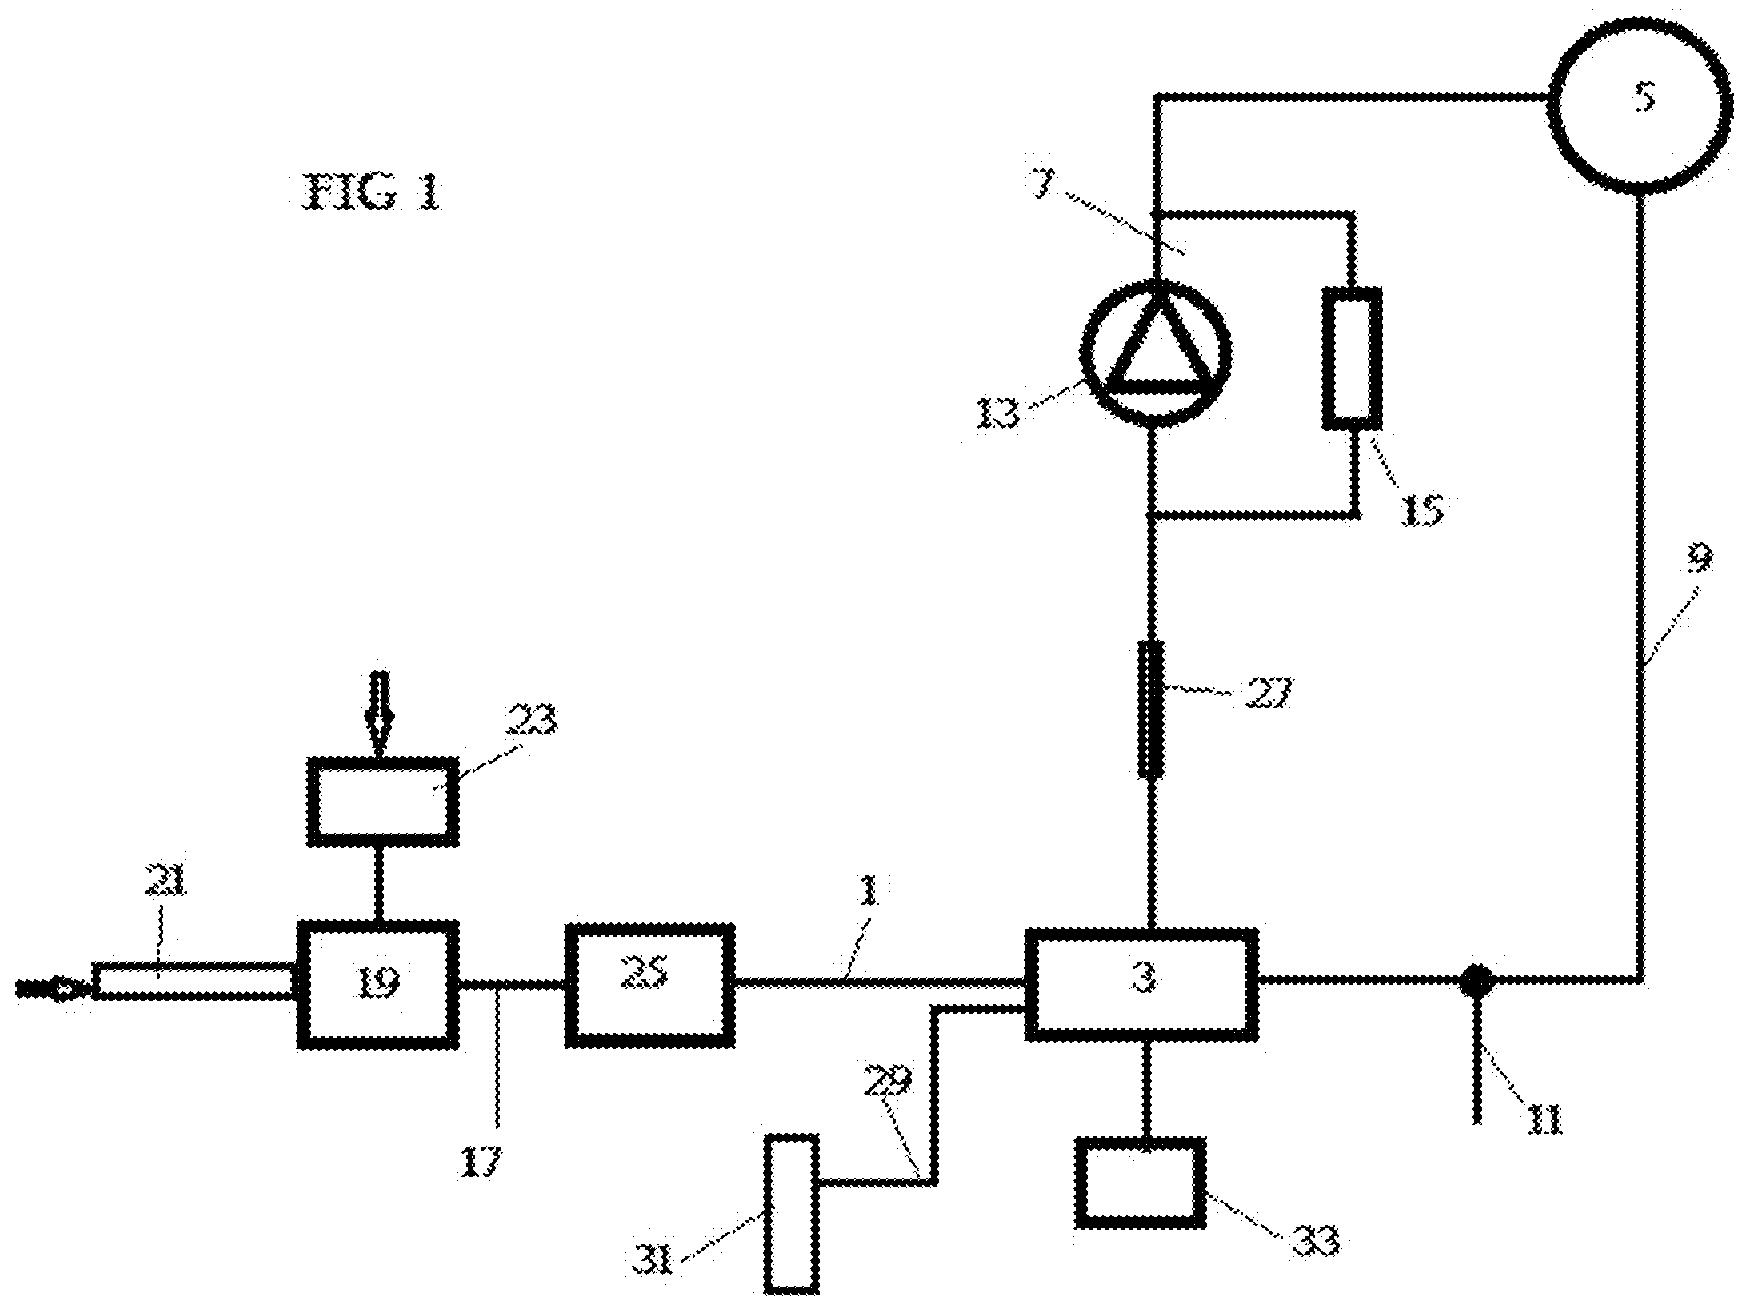 Chambre d 39 ionisation pour la mesure de rayonnements gamma for Chambre d ionisation